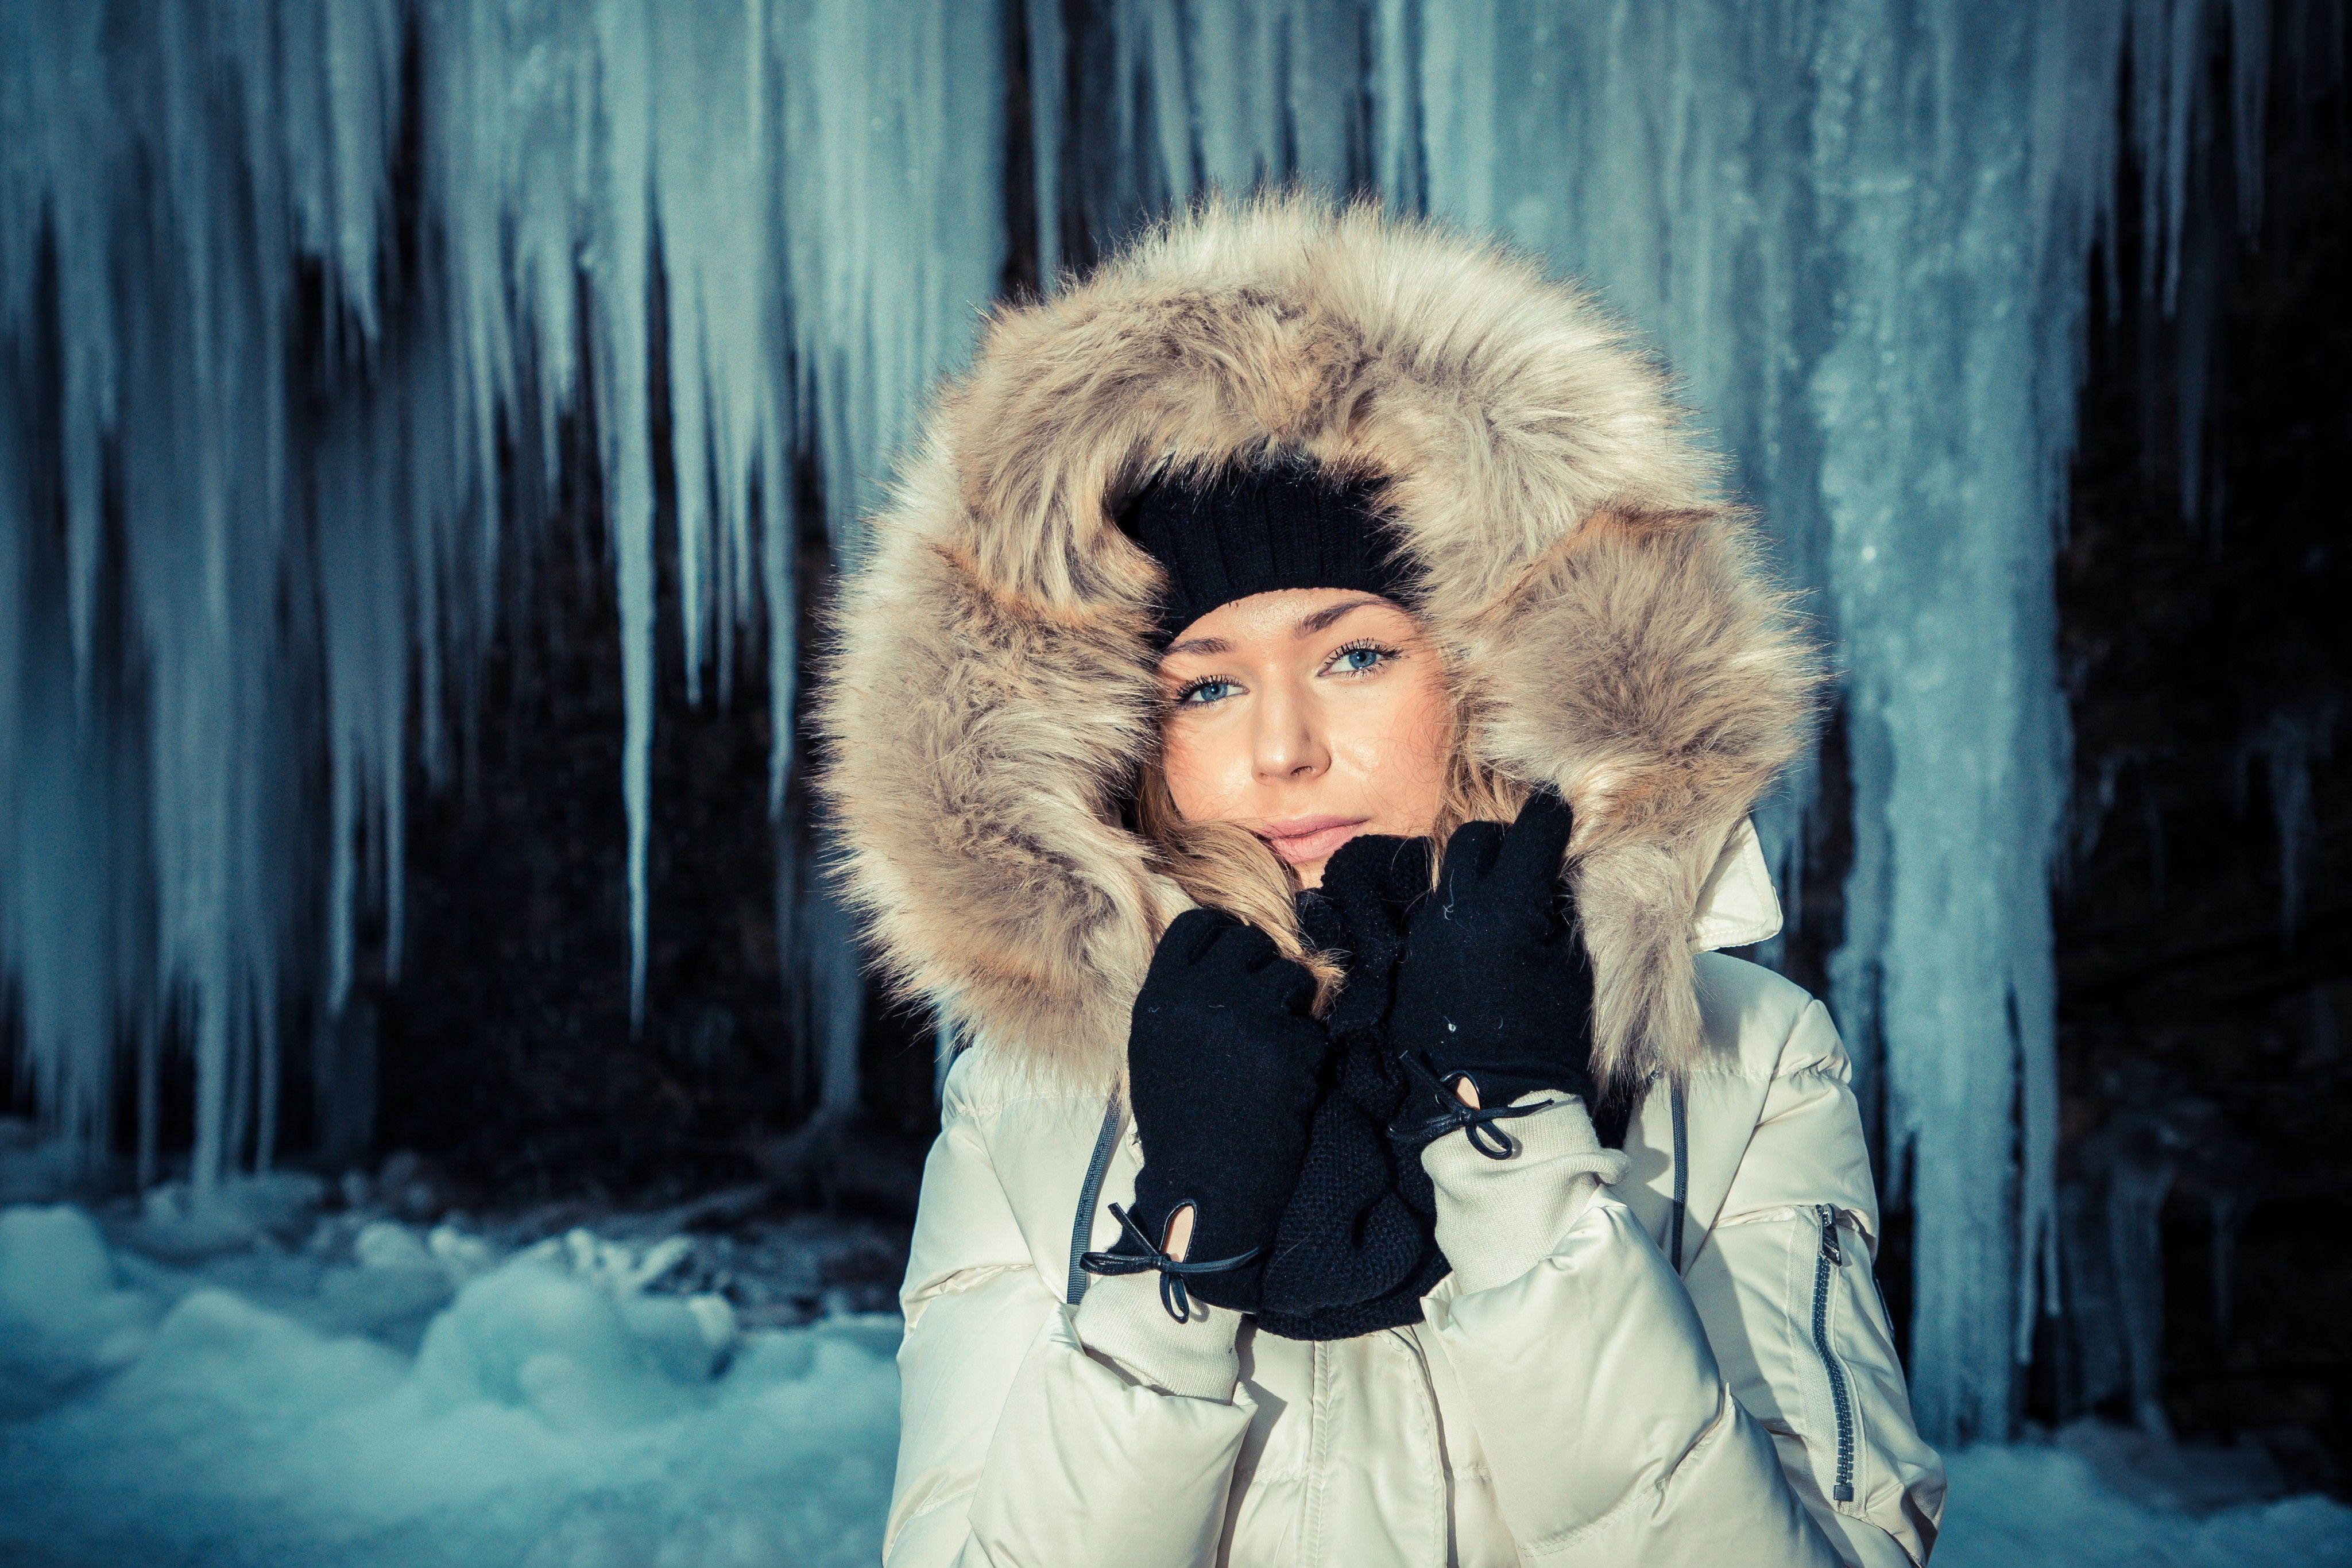 Frostige Temperaturen in Vorarlberg